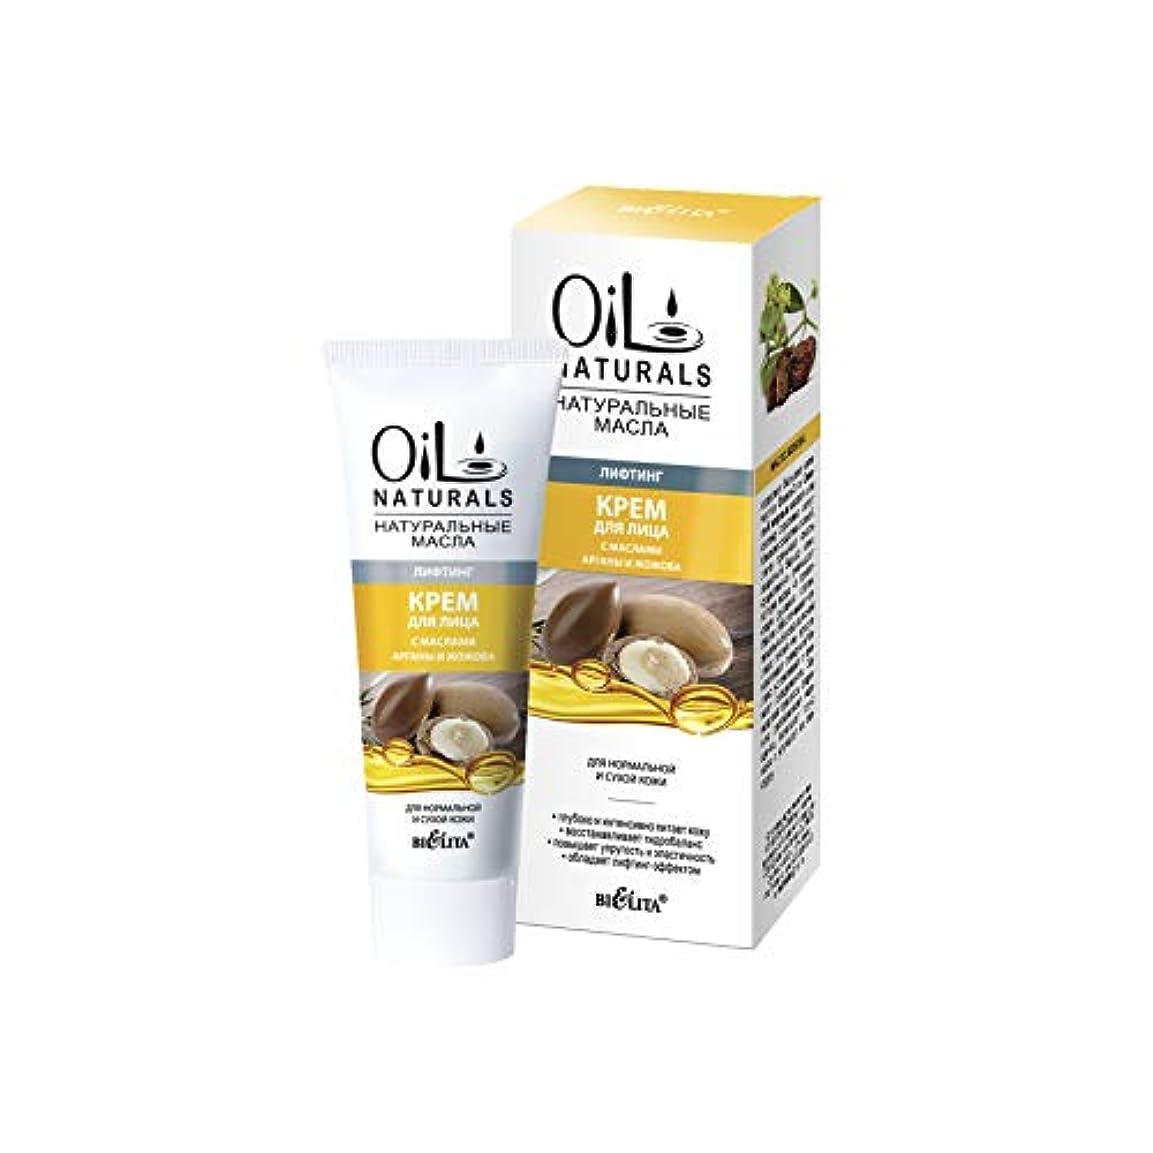 パキスタン人暗くするラジカルBielita & Vitex   Argan Oil, Jojoba Oil Moisturising Cream for the Face 50ml   Intensive Moisturizer With Natural...